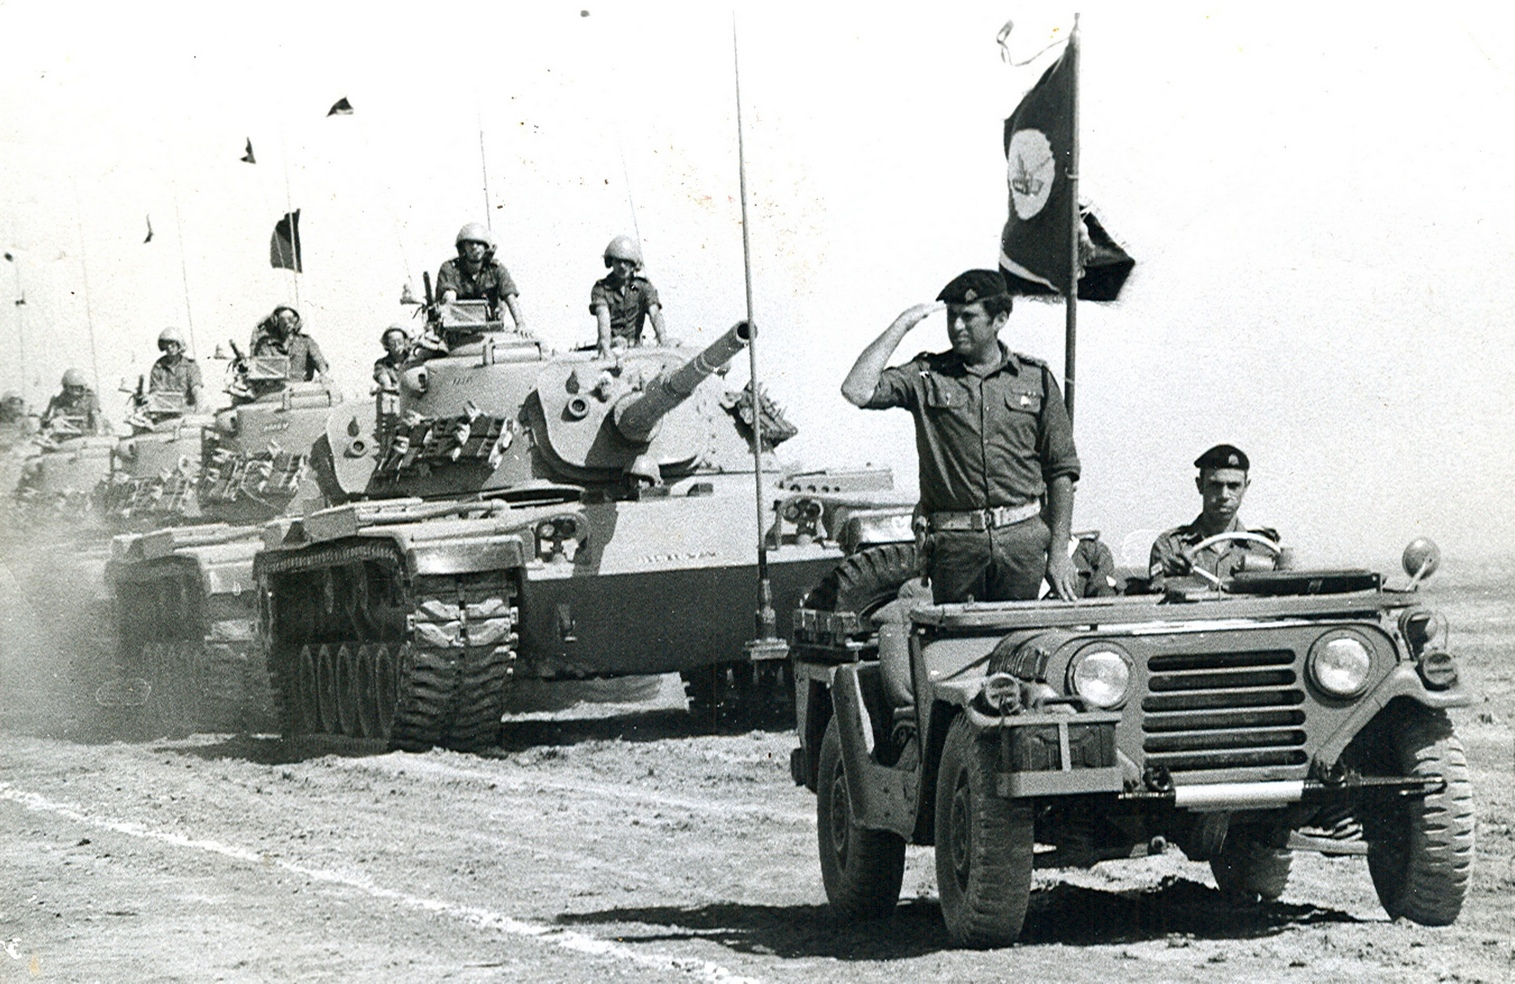 """סא""""ל (לימים תא""""ל) איתן קינן קאולי, מוביל טור של טנקים מסוג מגח 6. צילום: איתן קאולי."""